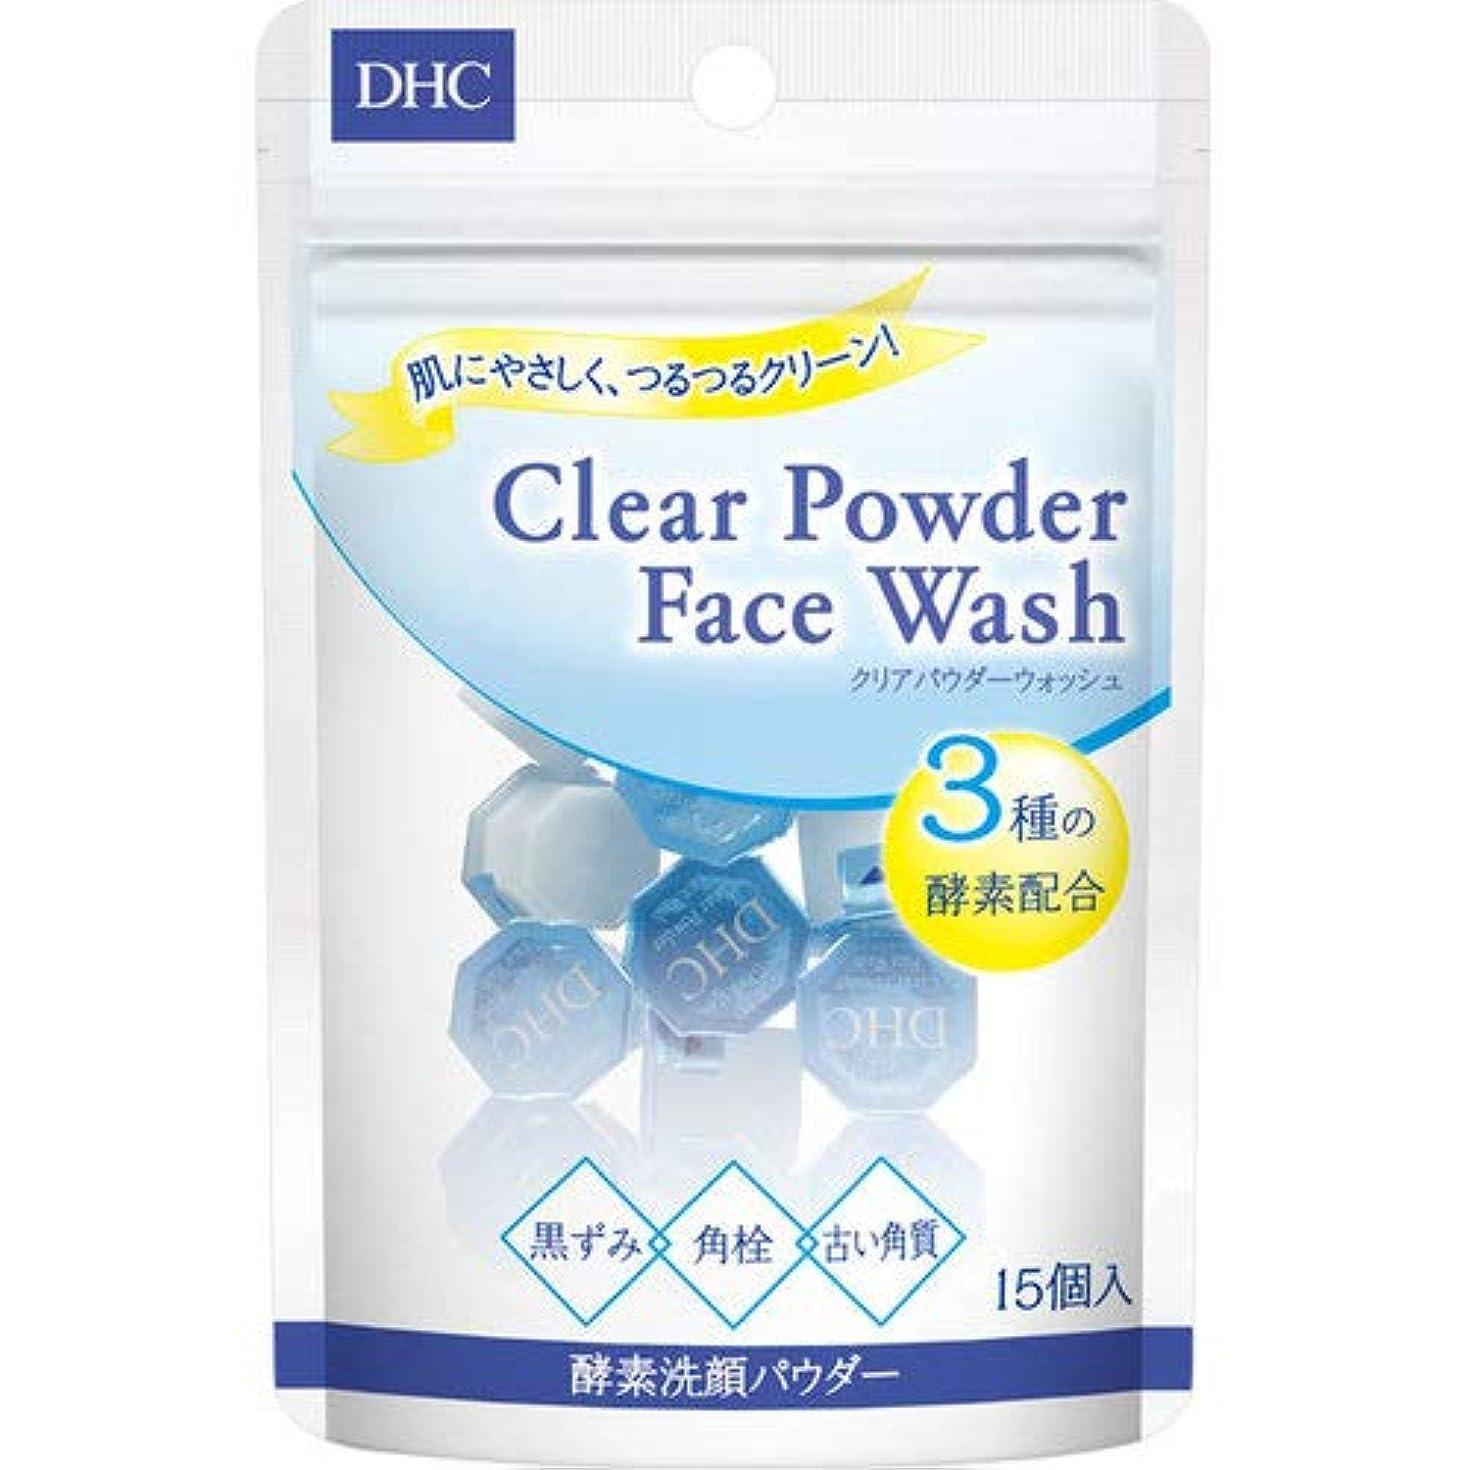 不潔眉をひそめるタオルDHC クリアパウダーウォッシュ 0.4g×15個入 酵素洗顔パウダー